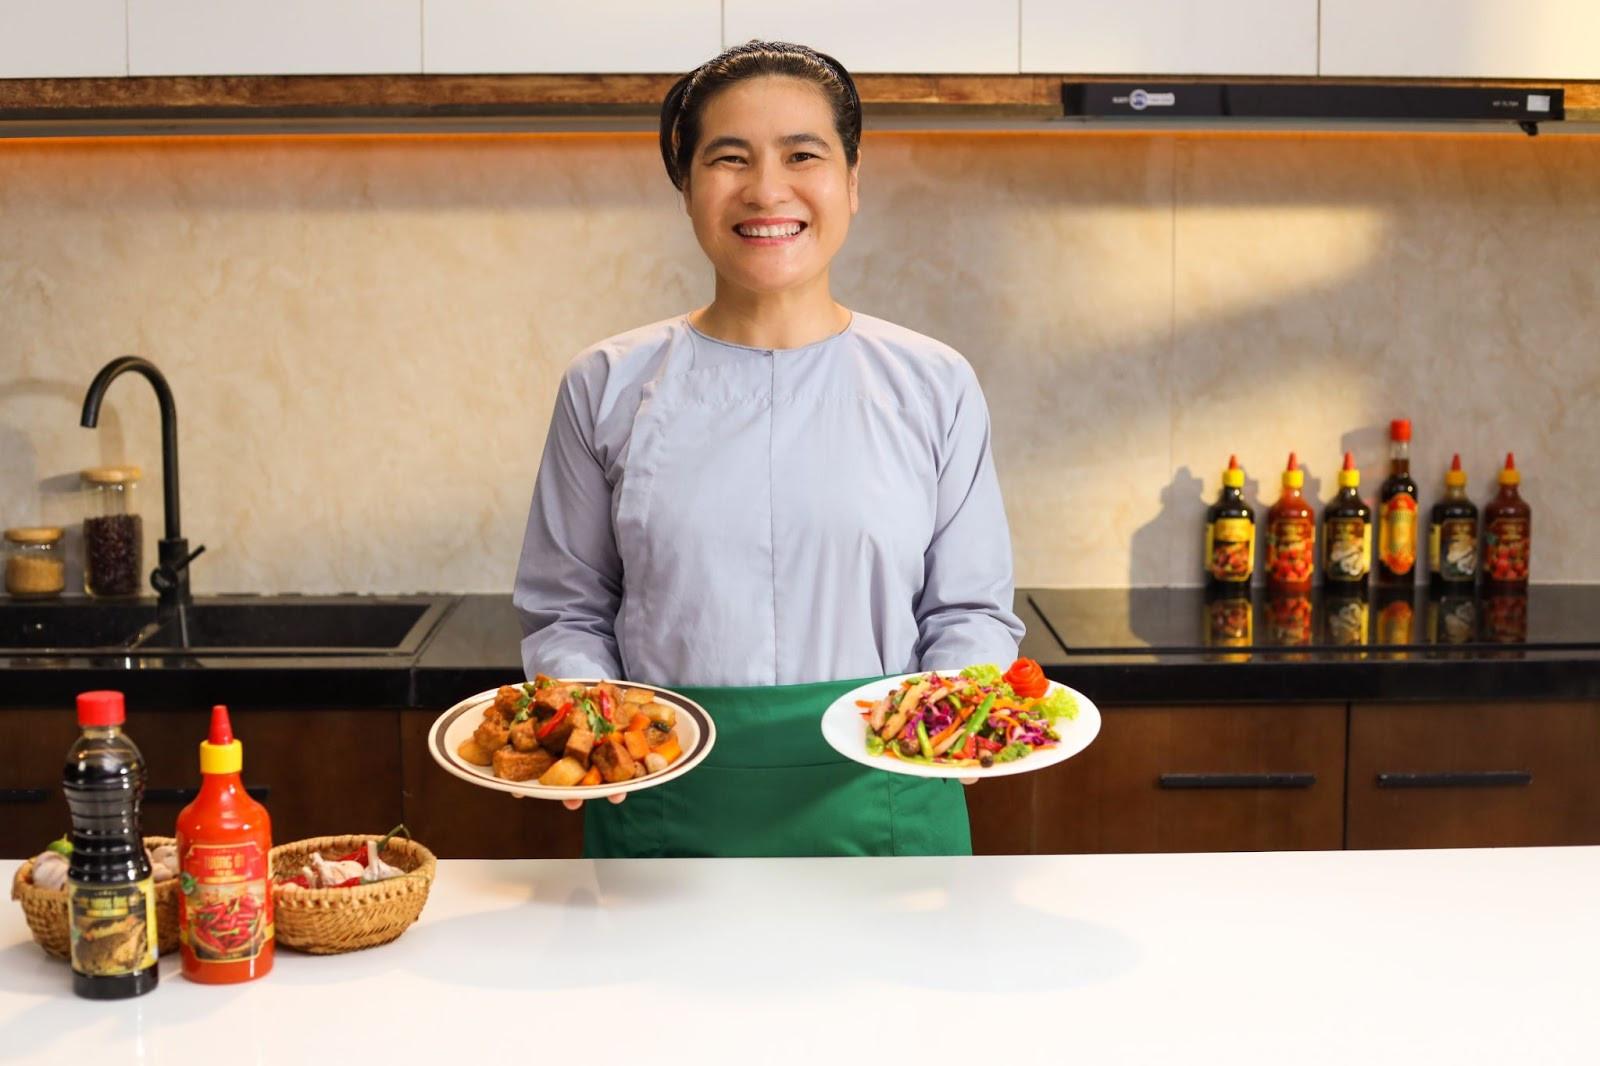 Bạn đã biết cách chế biến món chay Đậu hũ kho nấm rơm chuẩn vị nhà hàng?